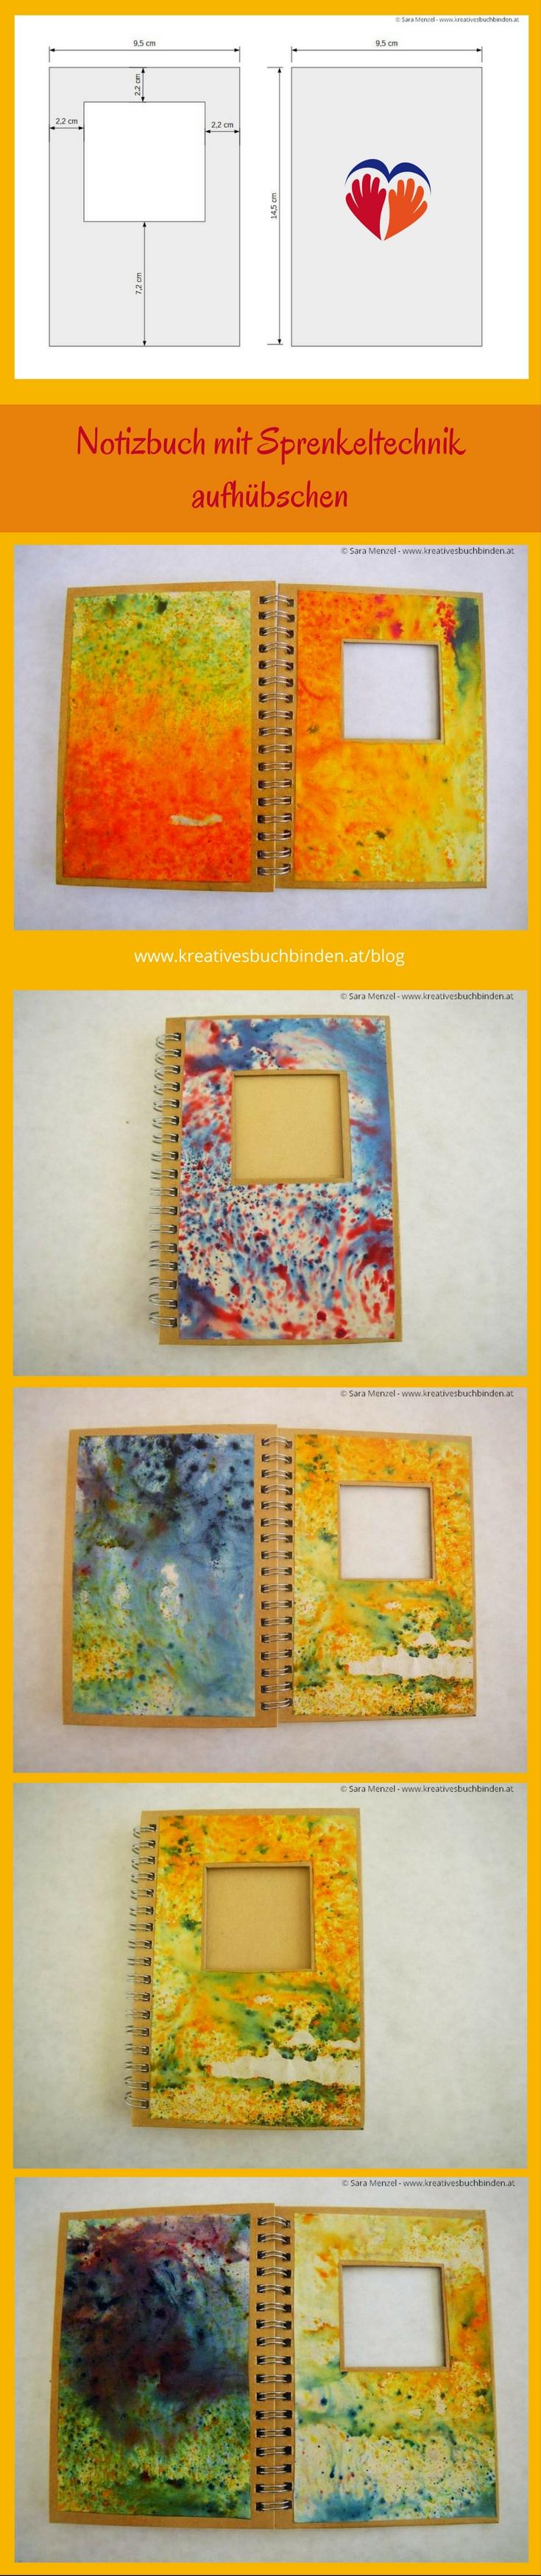 Notizbuch Mit Schmuckpapier Verschonern Geschenksideen Notizbuch